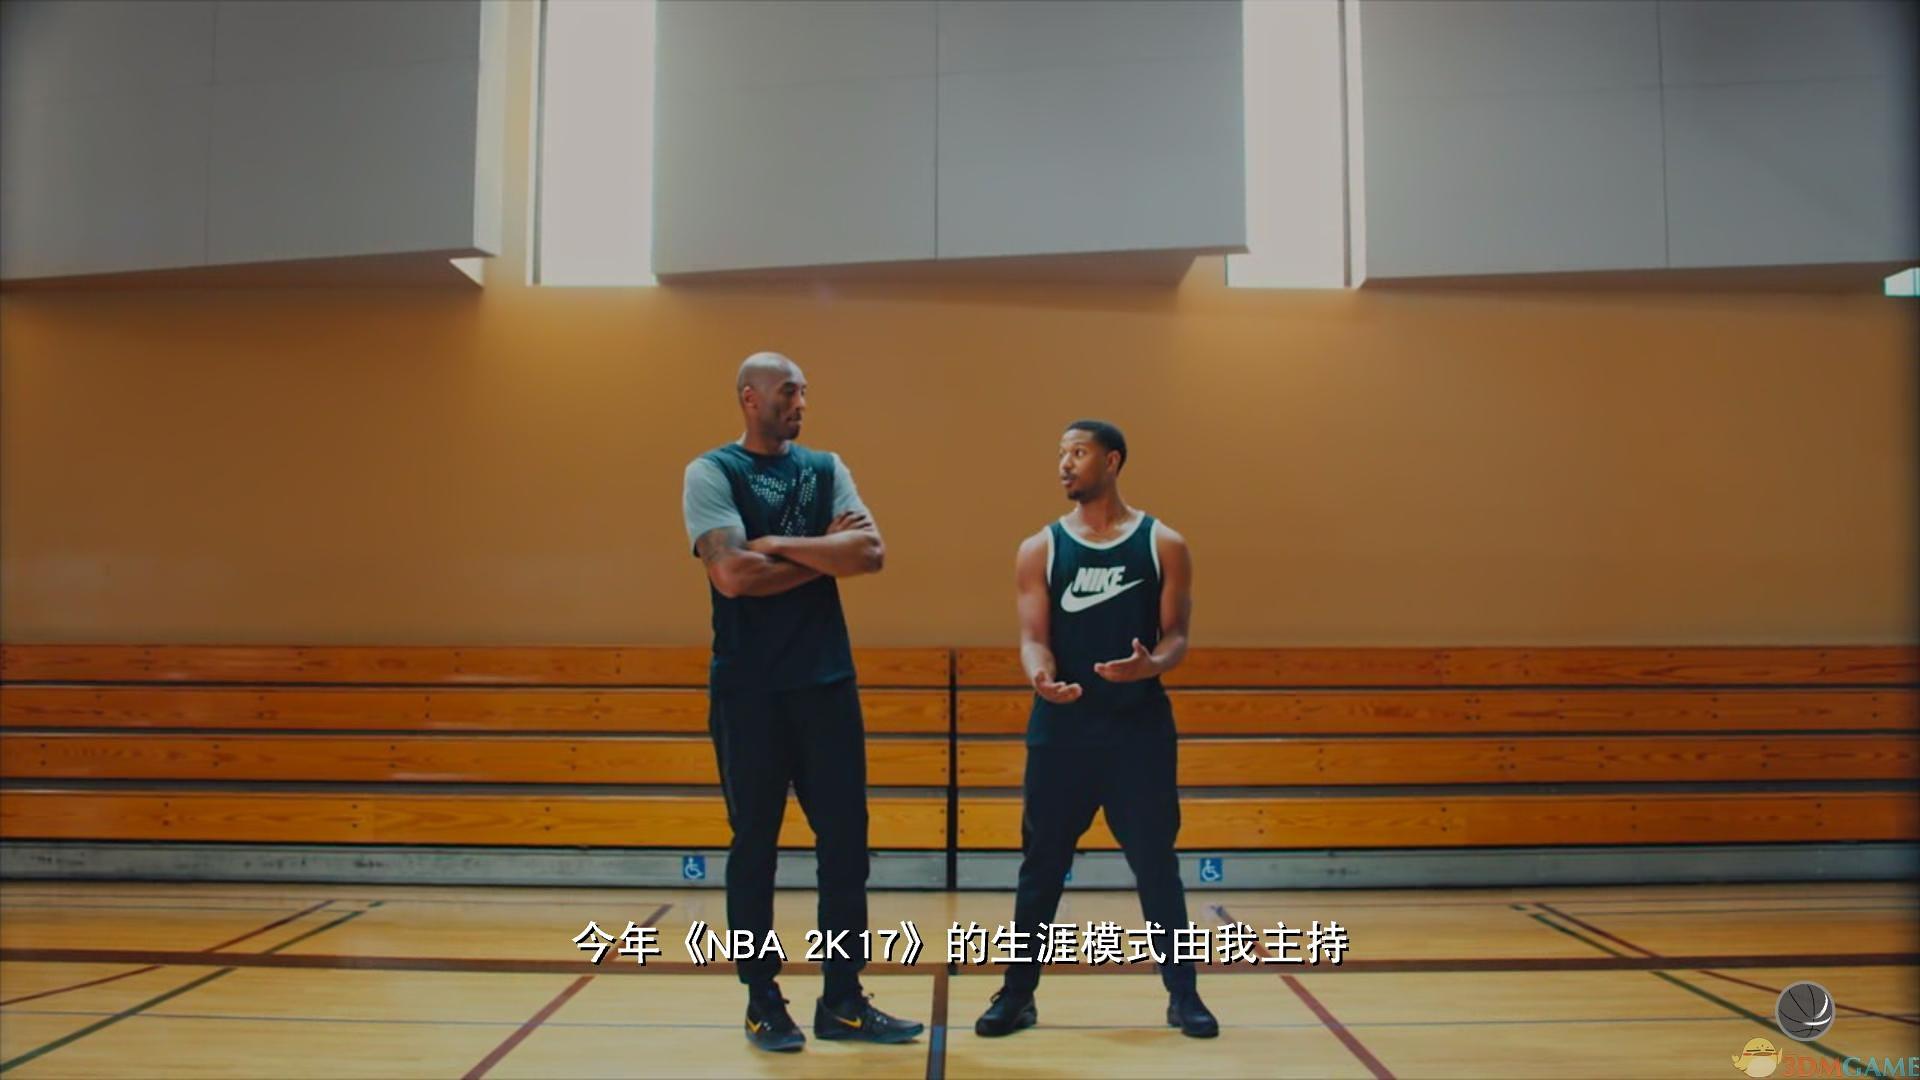 2k17 中文 版